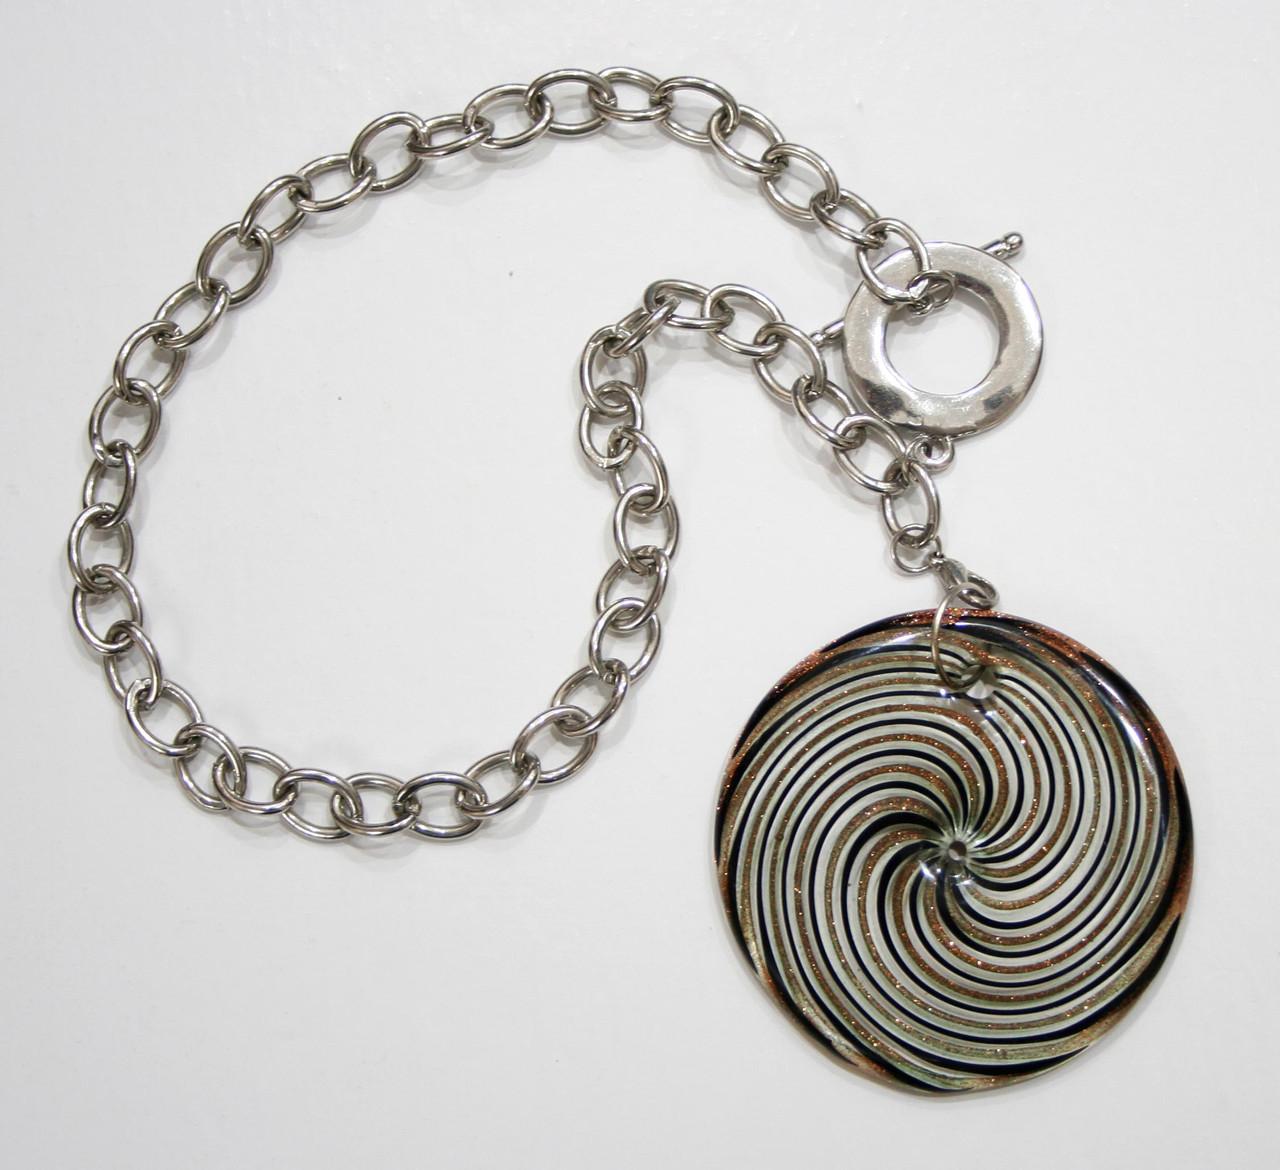 Ожерелье из муранского стекла, ручная работа Италия